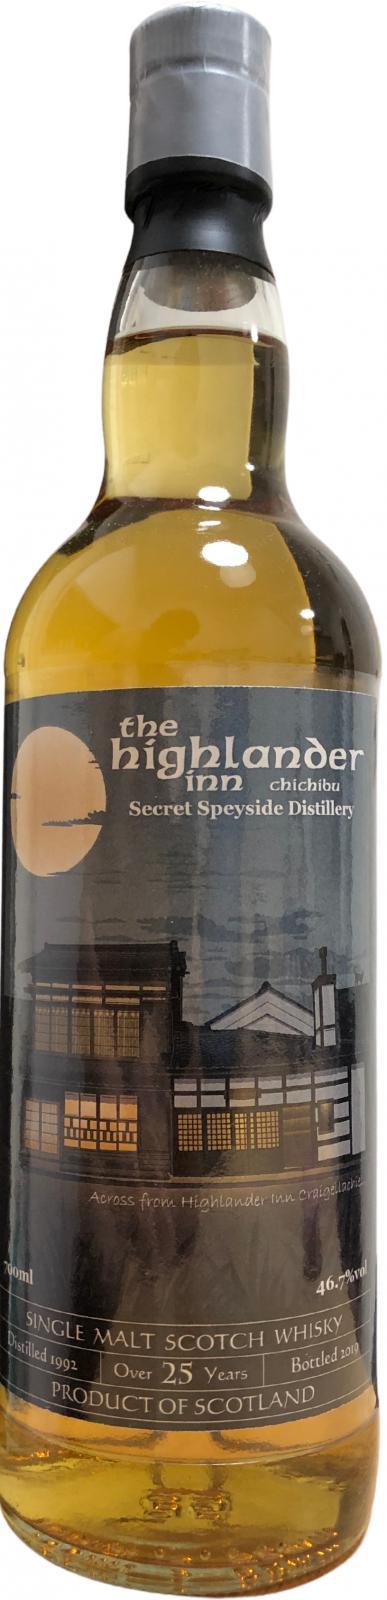 Secret Speyside Distillery 1992 HI